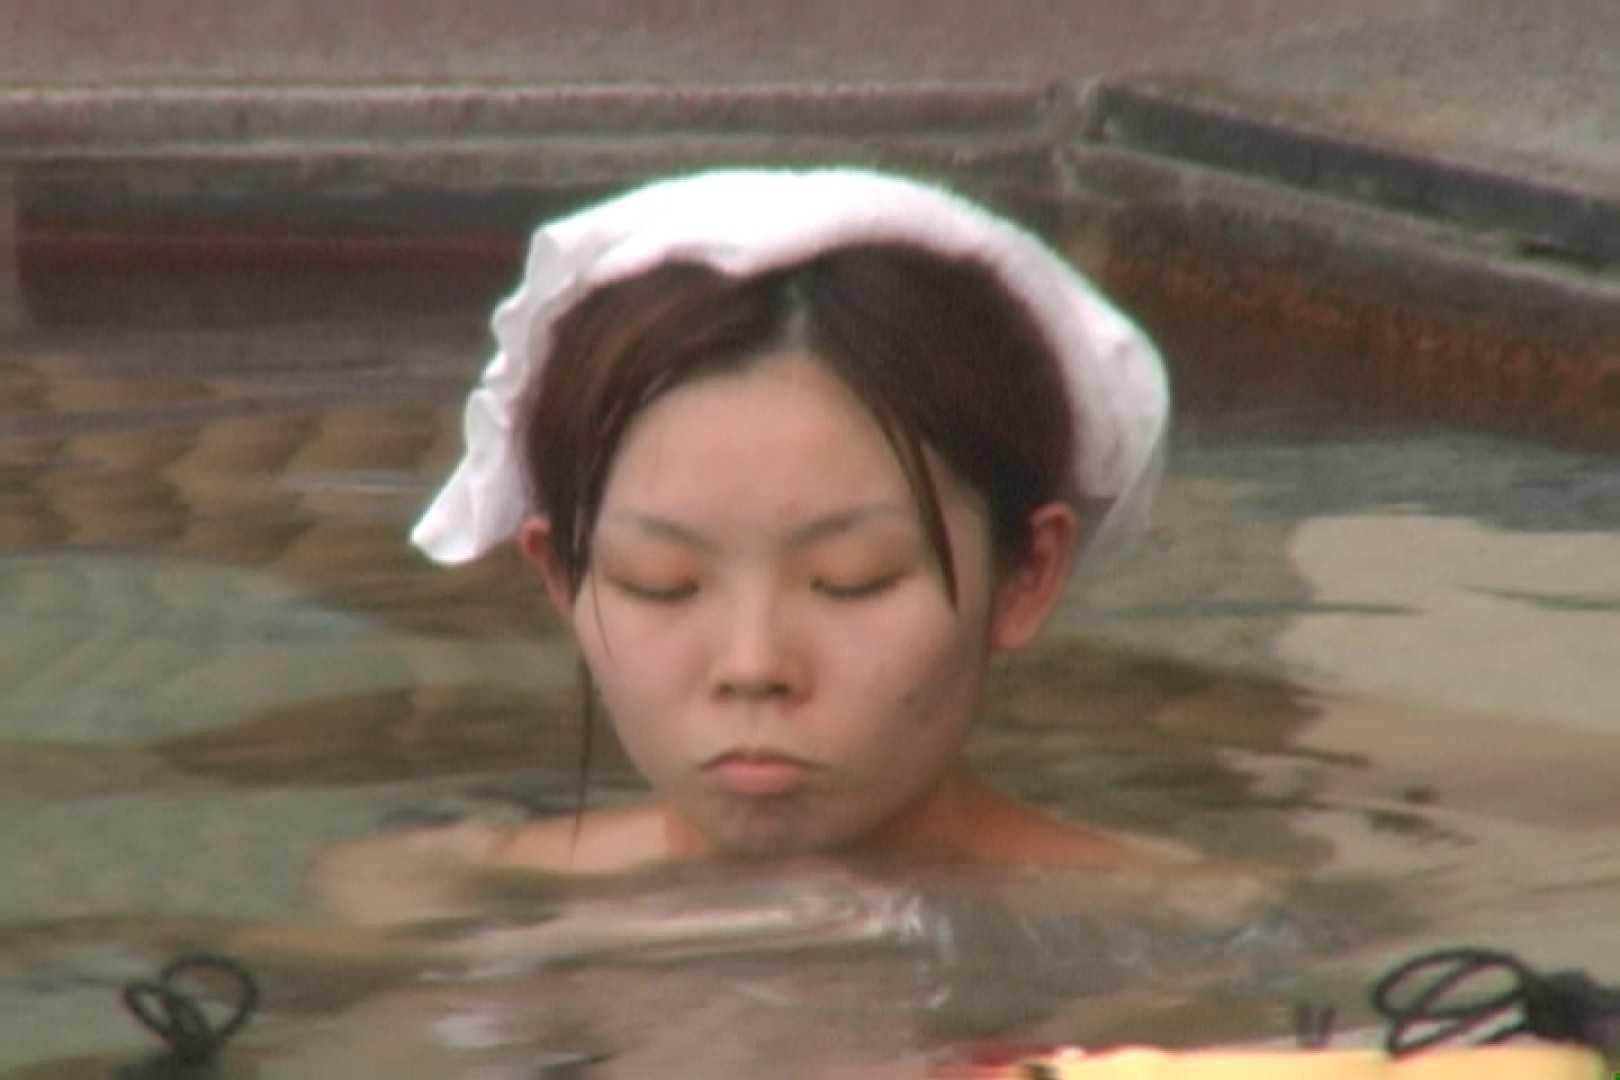 Aquaな露天風呂Vol.580 0   0  103pic 51